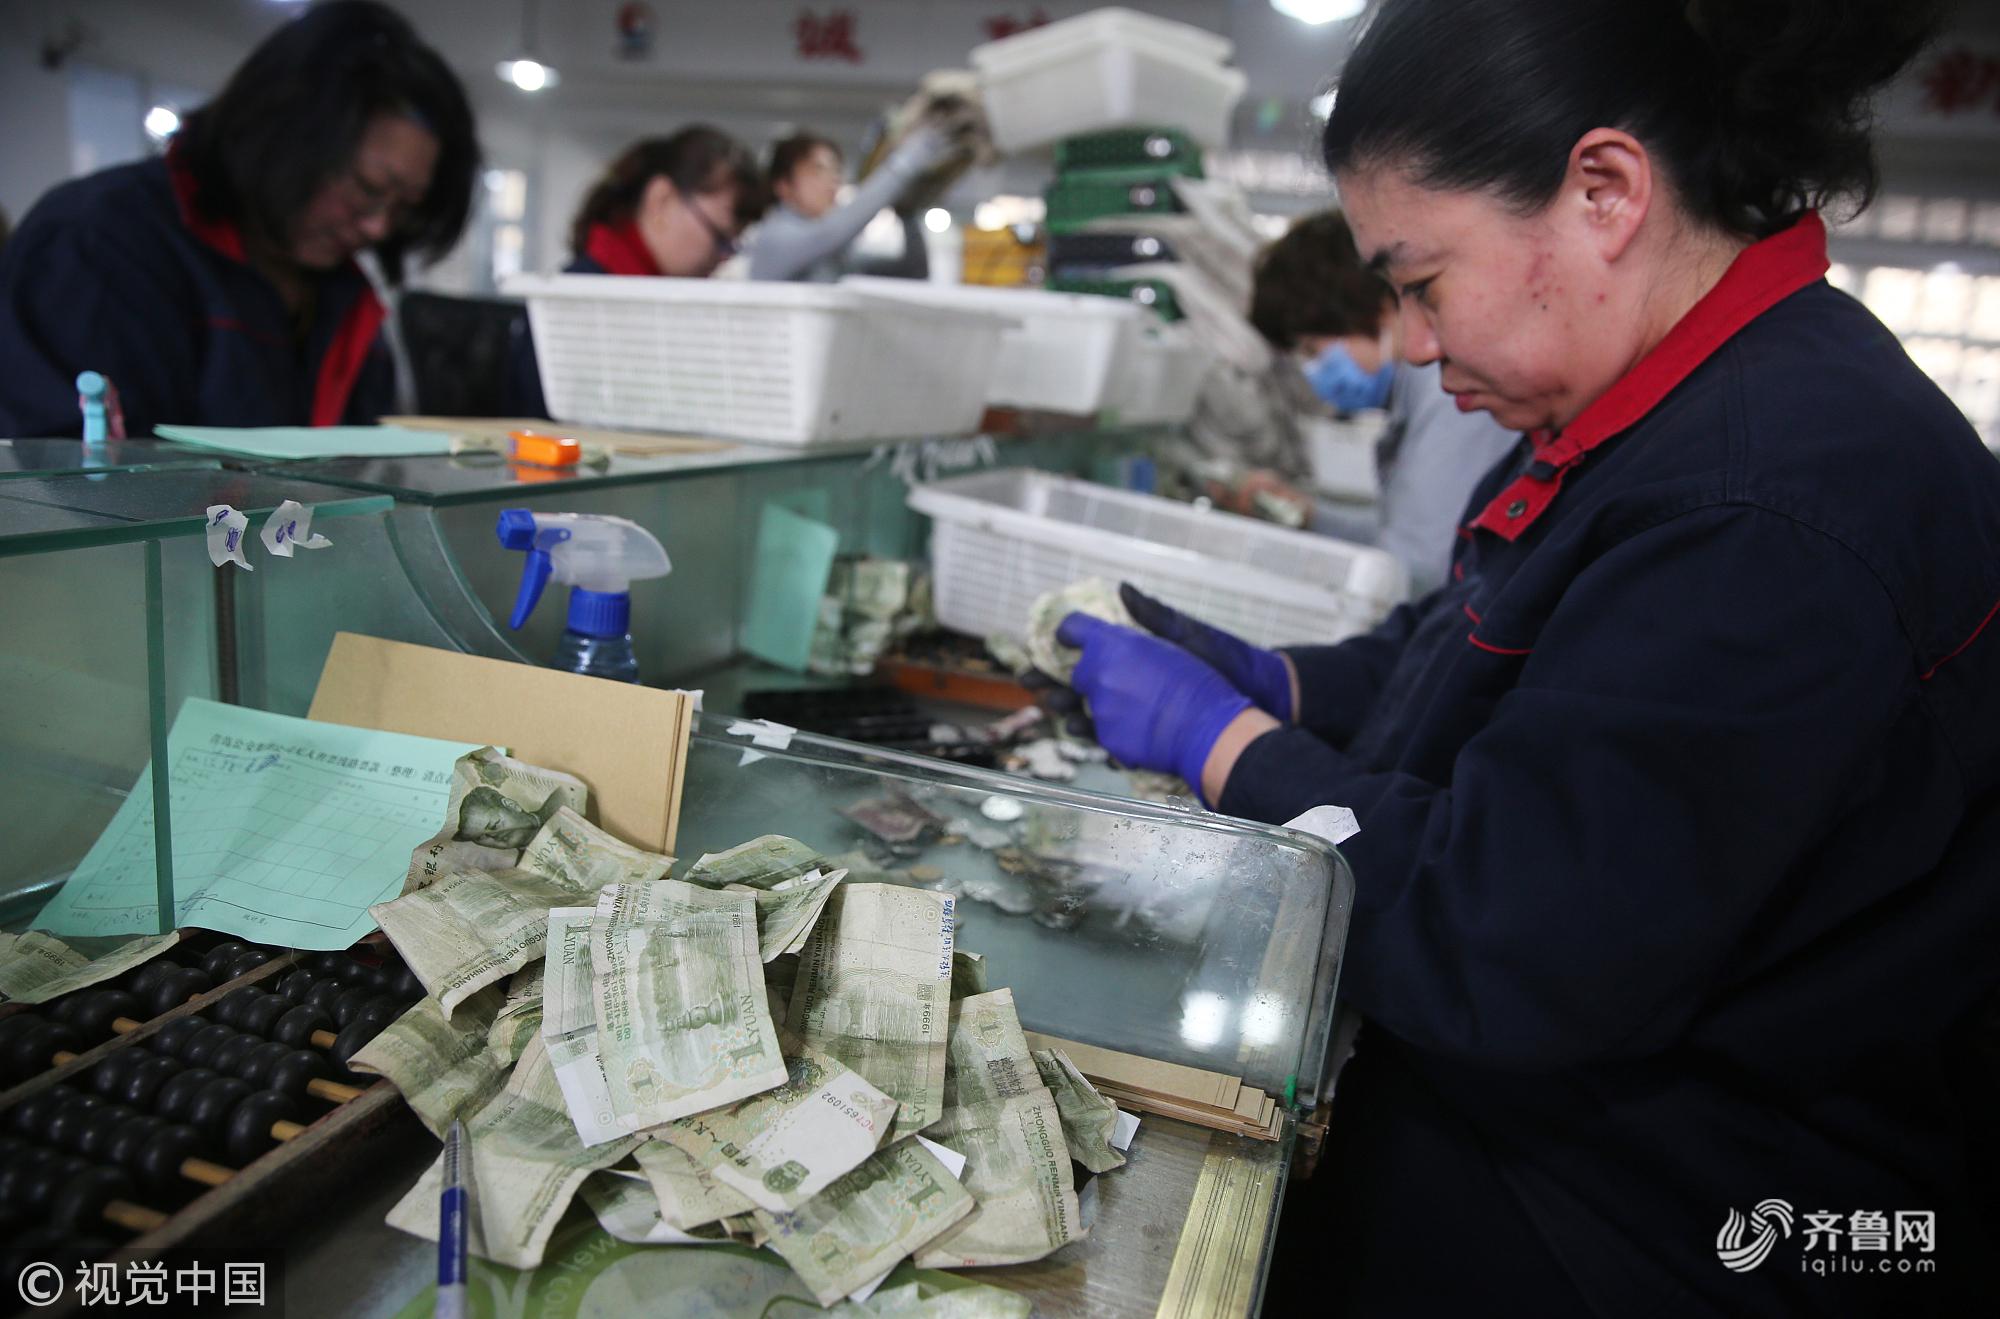 青岛:点钞员每天点钱近万张 数钱数到手抽筋